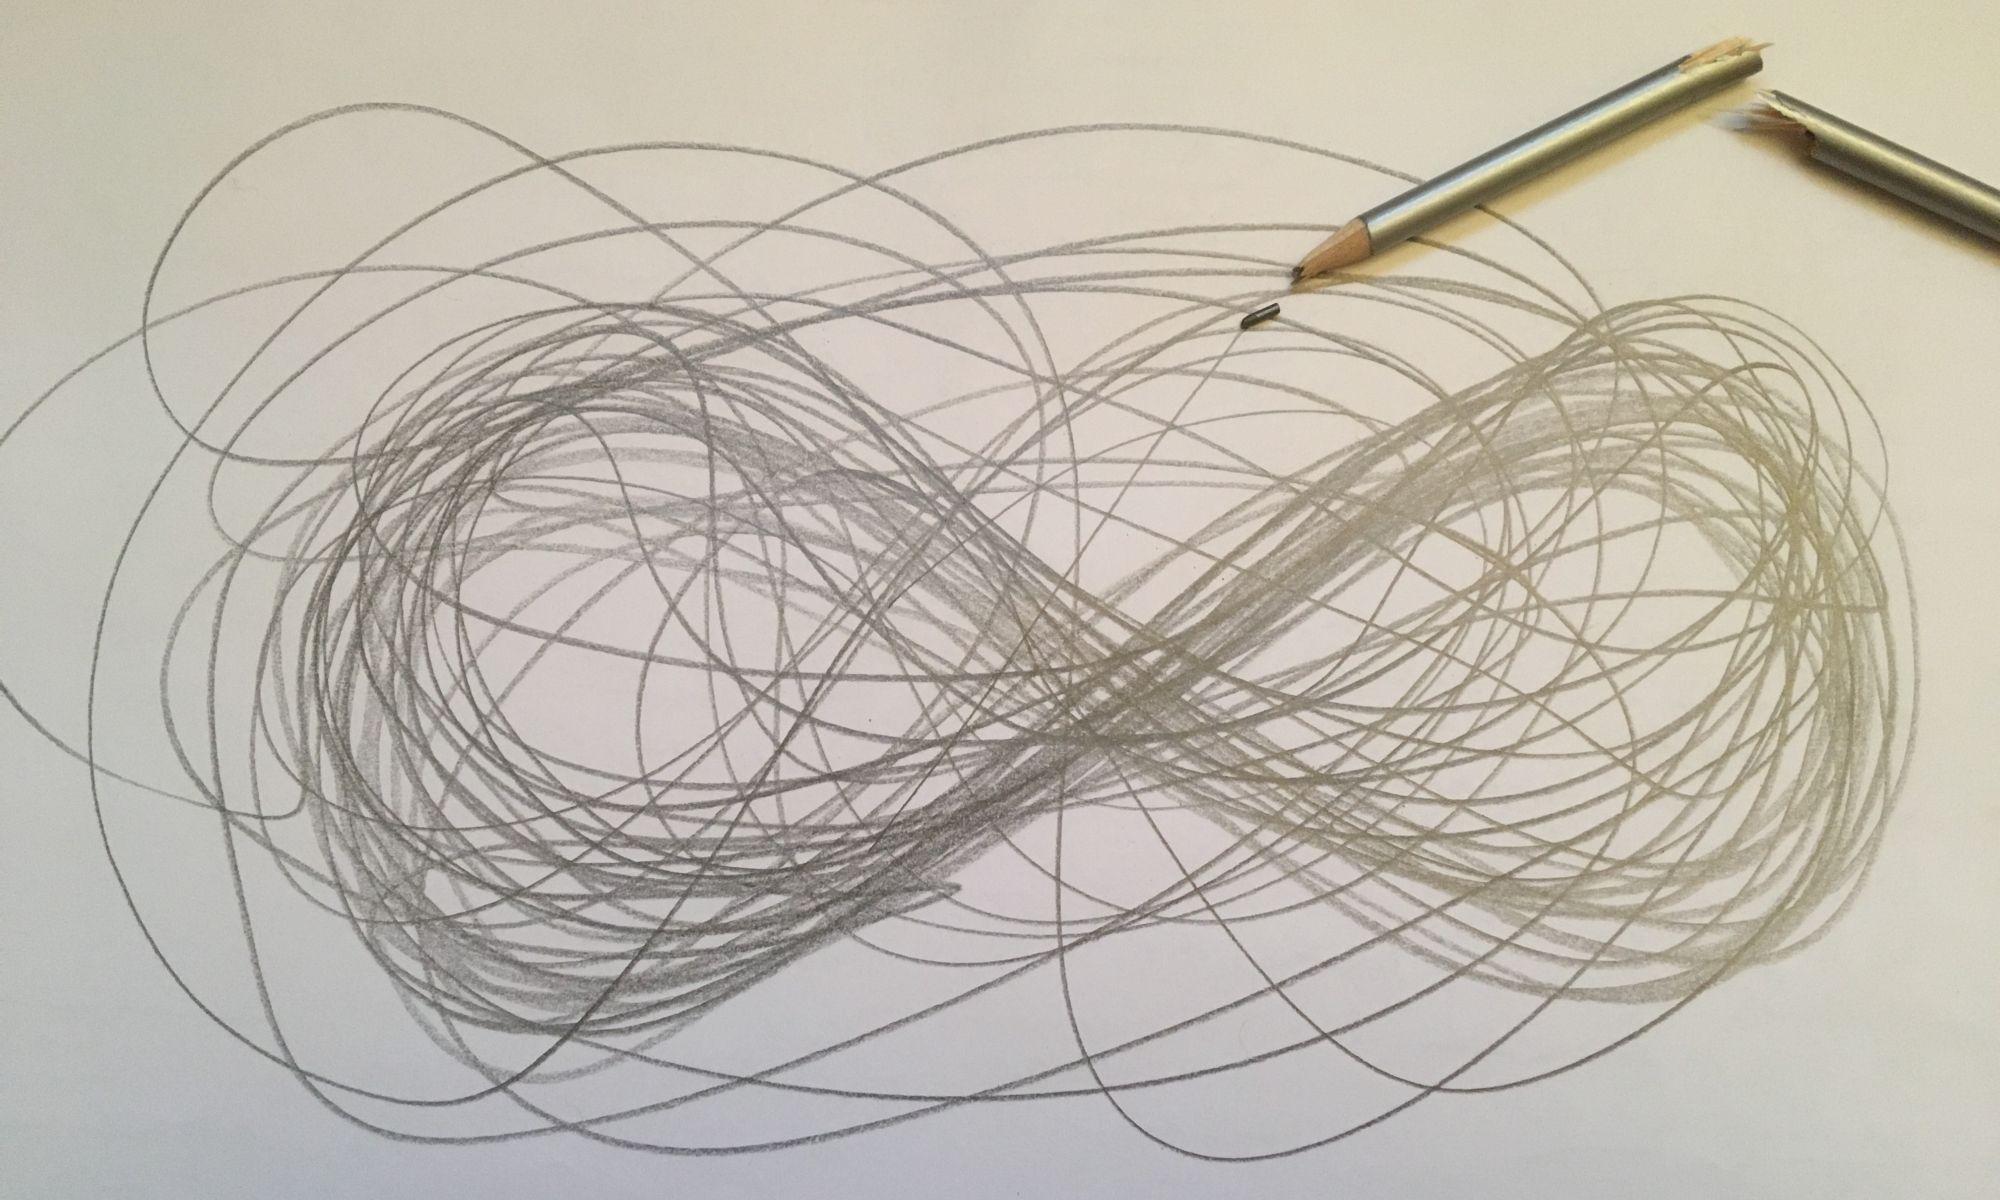 Beziehungsmuster durchbrechen (Bleistiftzeichnung)